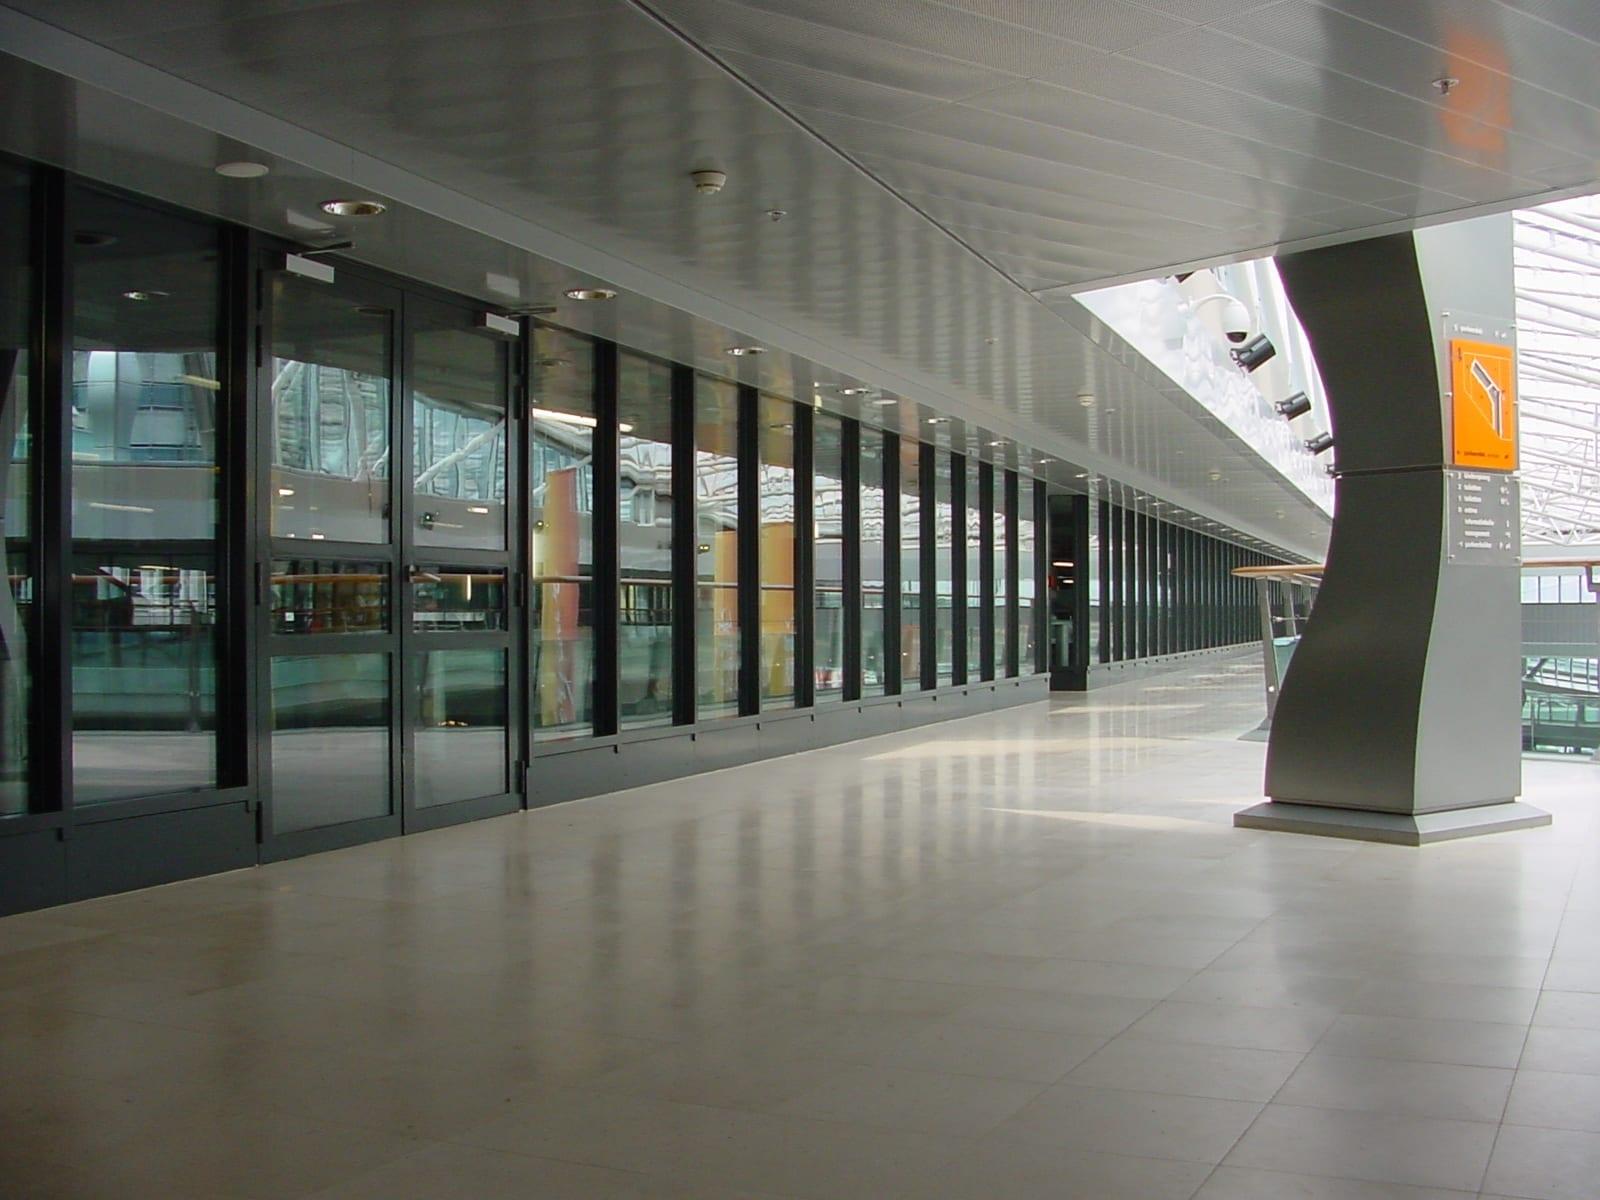 Villa Arena, Amsterdam - Attiva Lichtprojecten BV